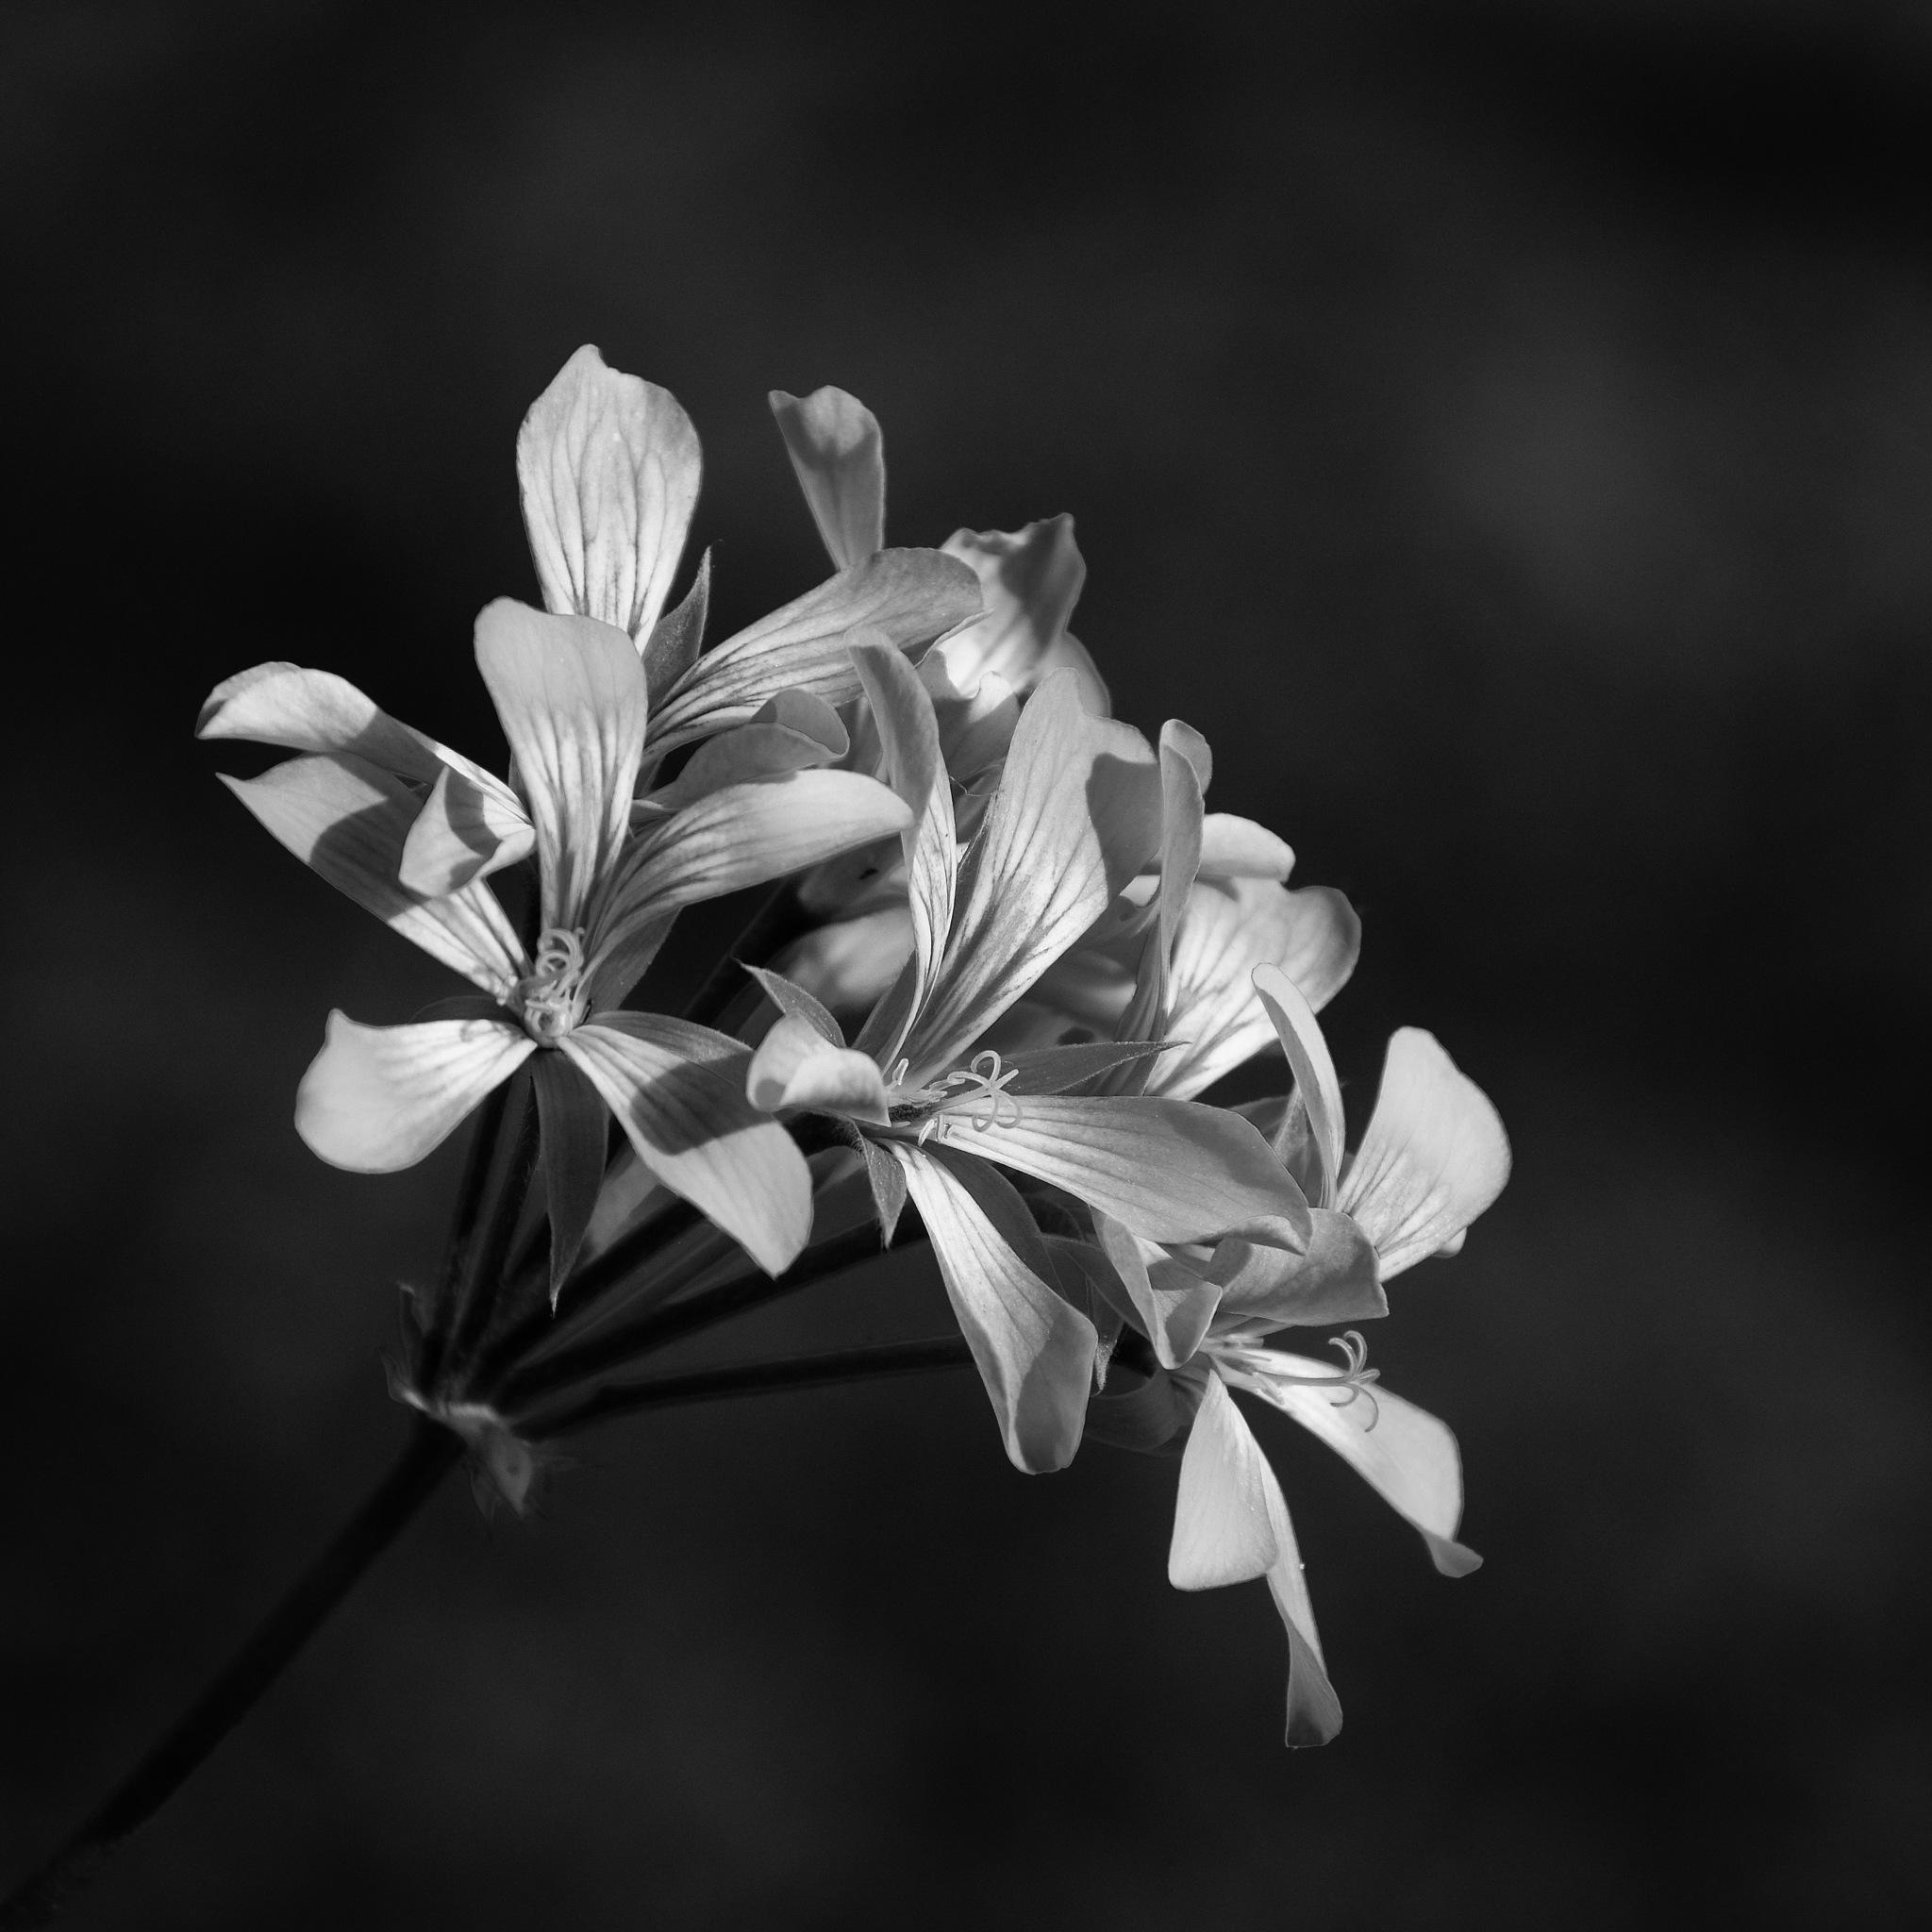 Untitled by Roman Kurkowski